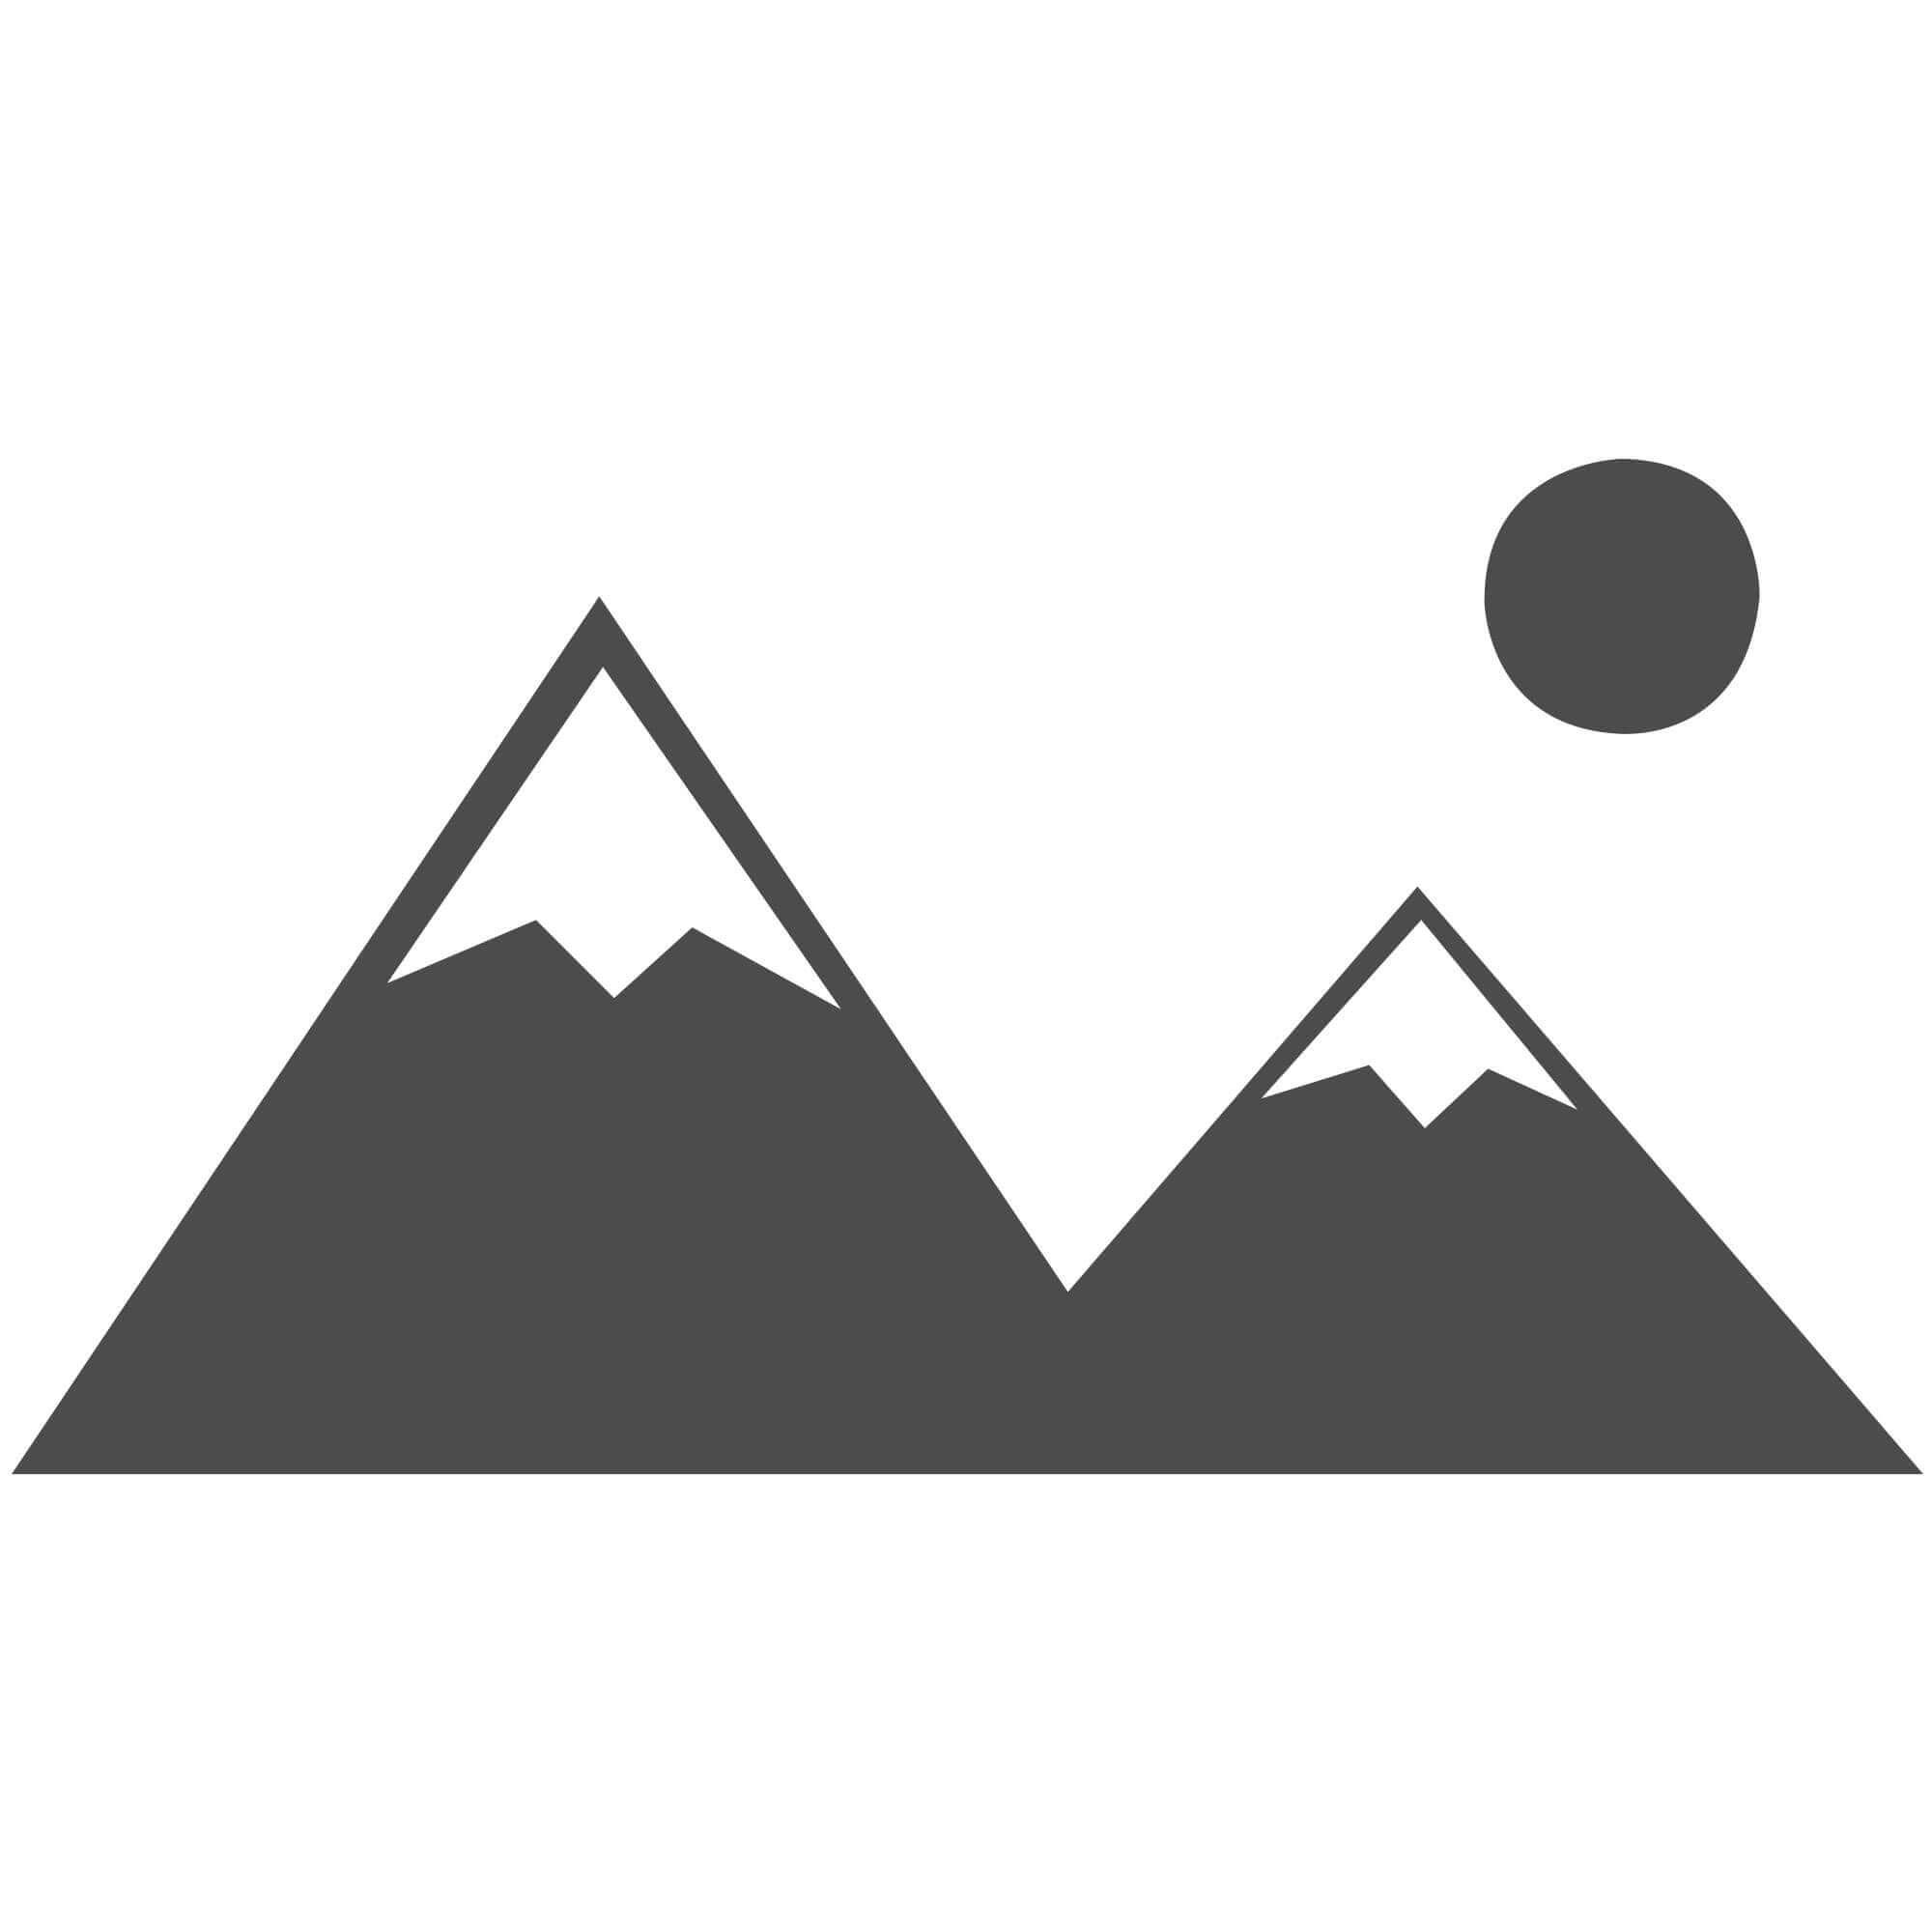 13oz Softface Hammer (BH-62-530)